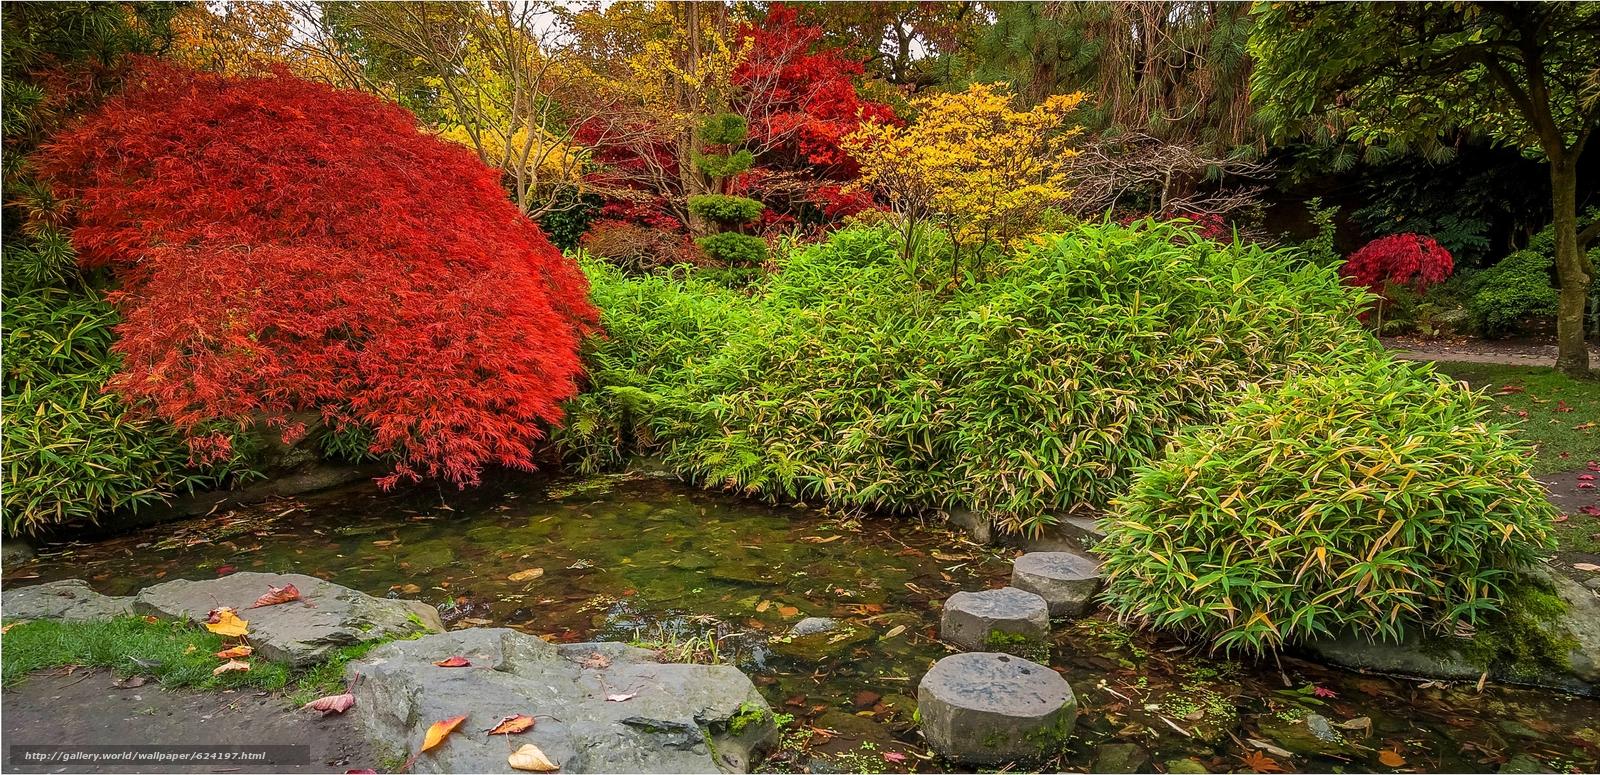 Tlcharger fond d 39 ecran jardin japonais calderstones parc for Jardin japonais fond d ecran